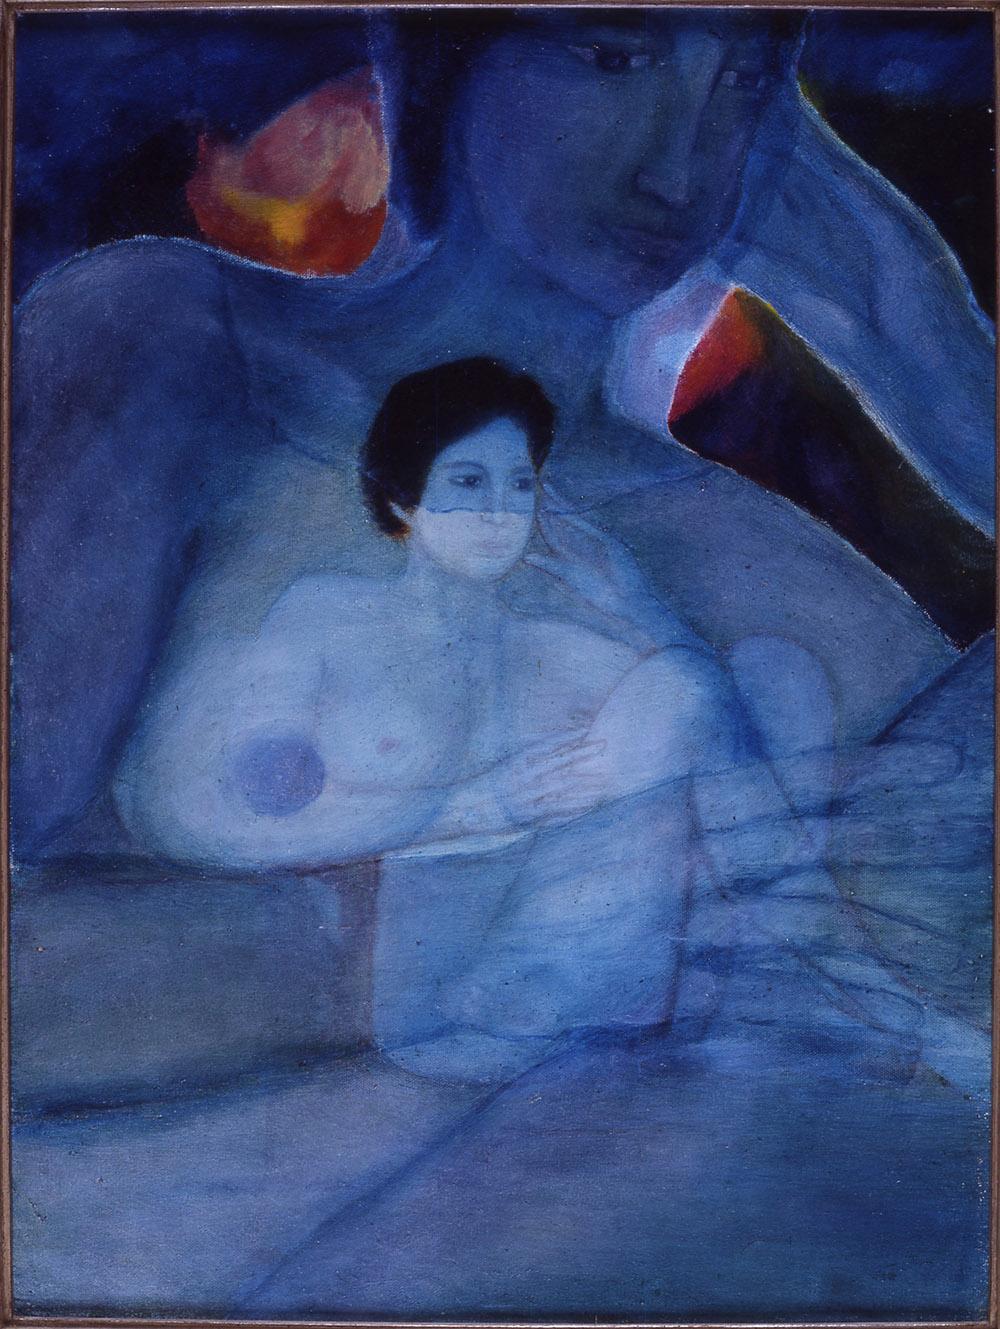 Woman, 1985